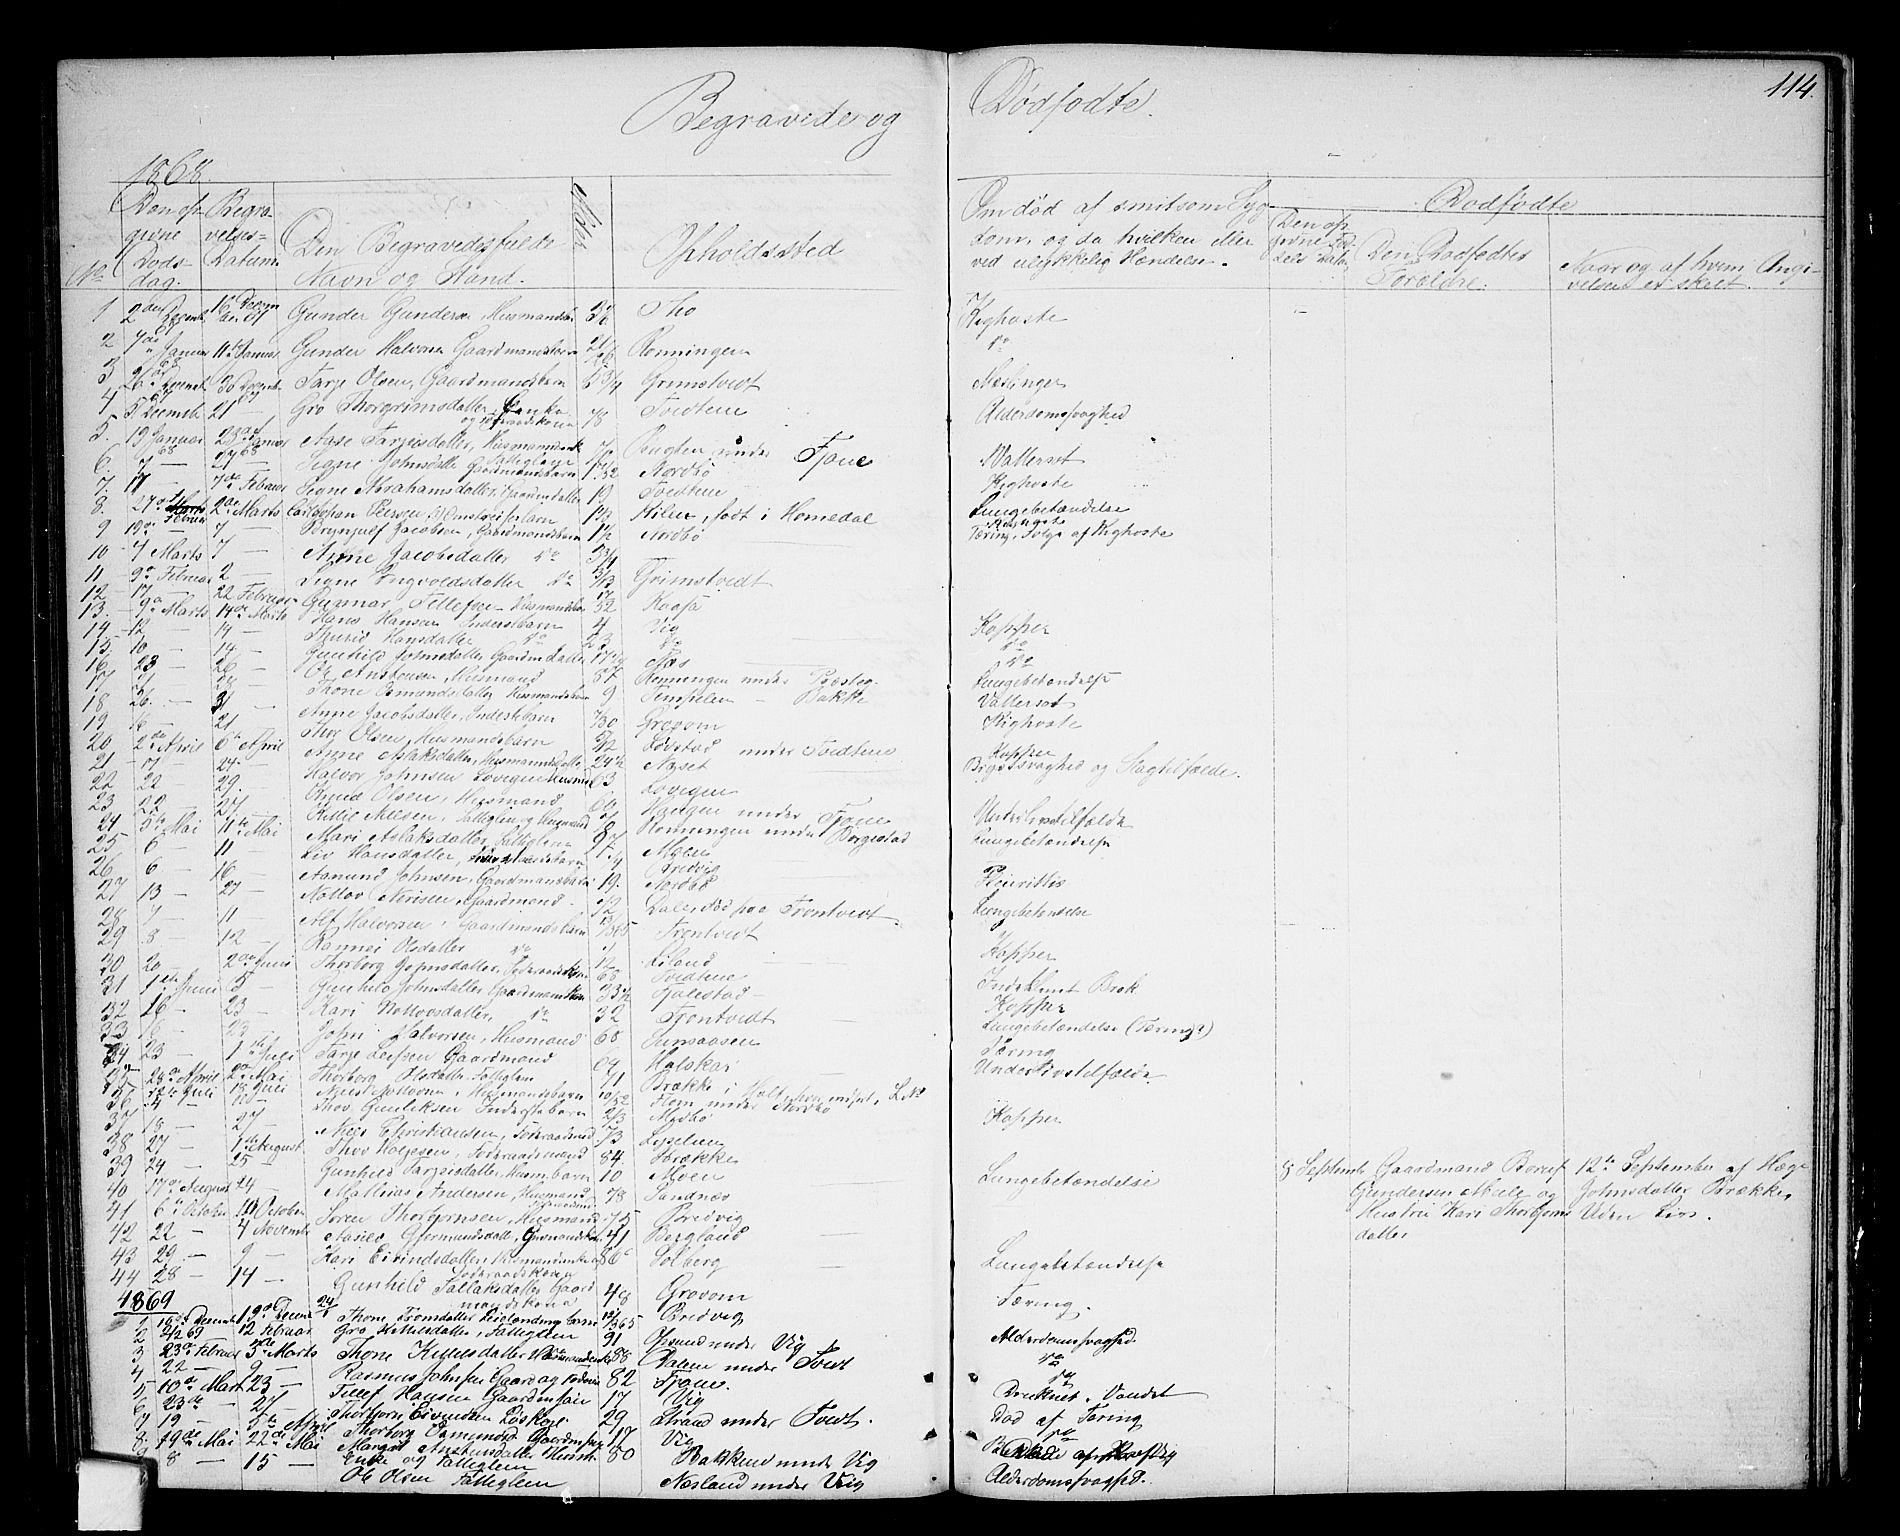 SAKO, Nissedal kirkebøker, G/Ga/L0002: Klokkerbok nr. I 2, 1861-1887, s. 114